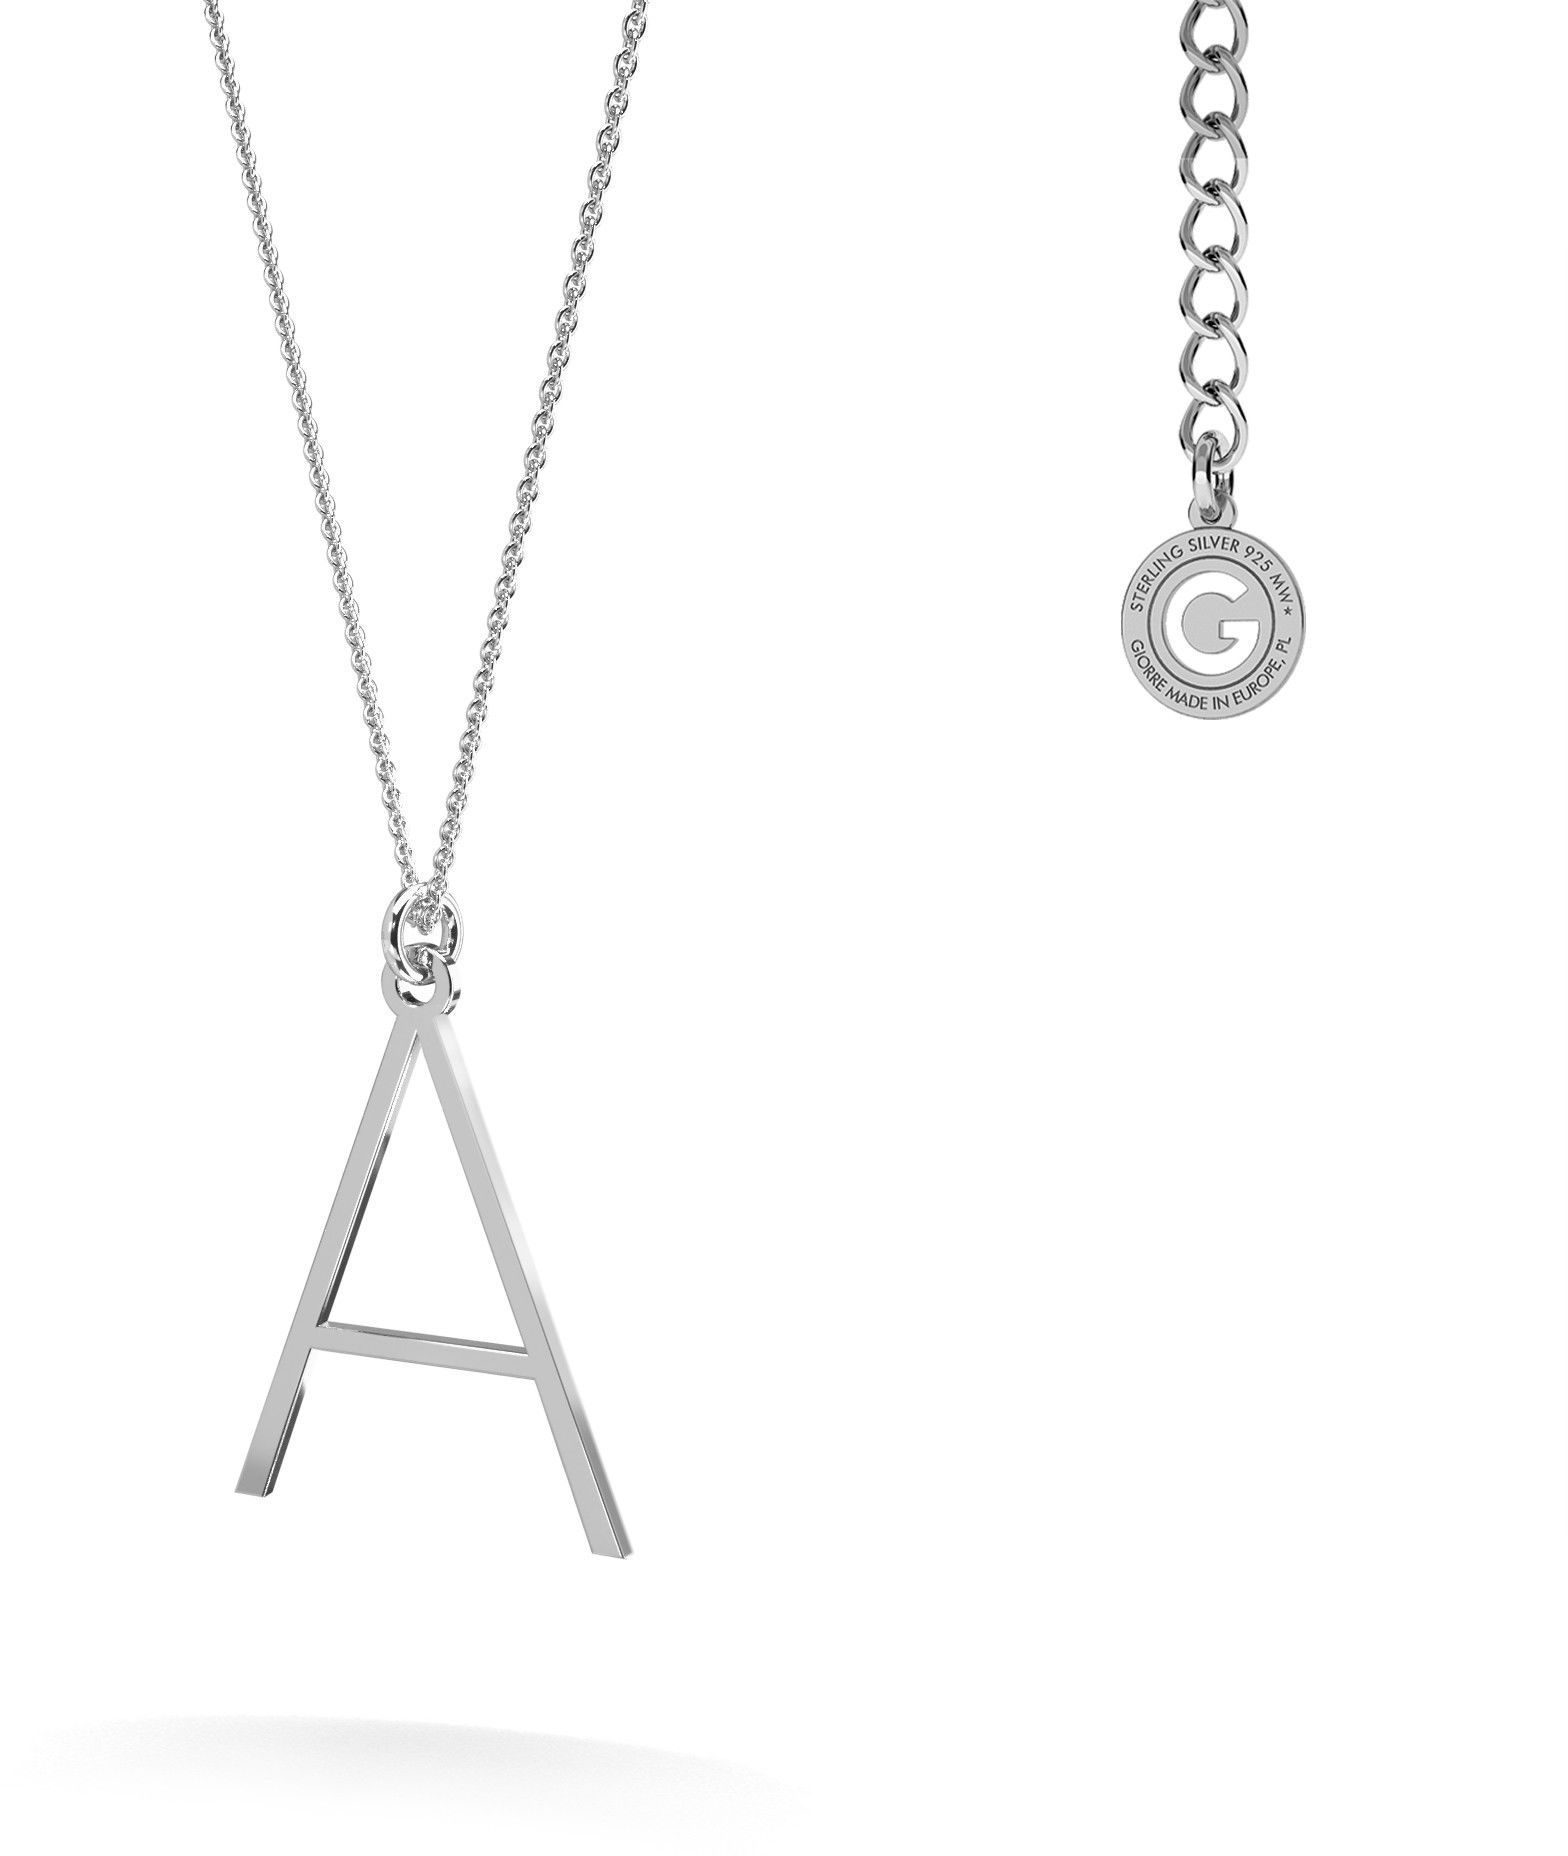 Srebrny naszyjnik z literką, alfabet, srebro 925 : Litera - A, Srebro - kolor pokrycia - Pokrycie platyną